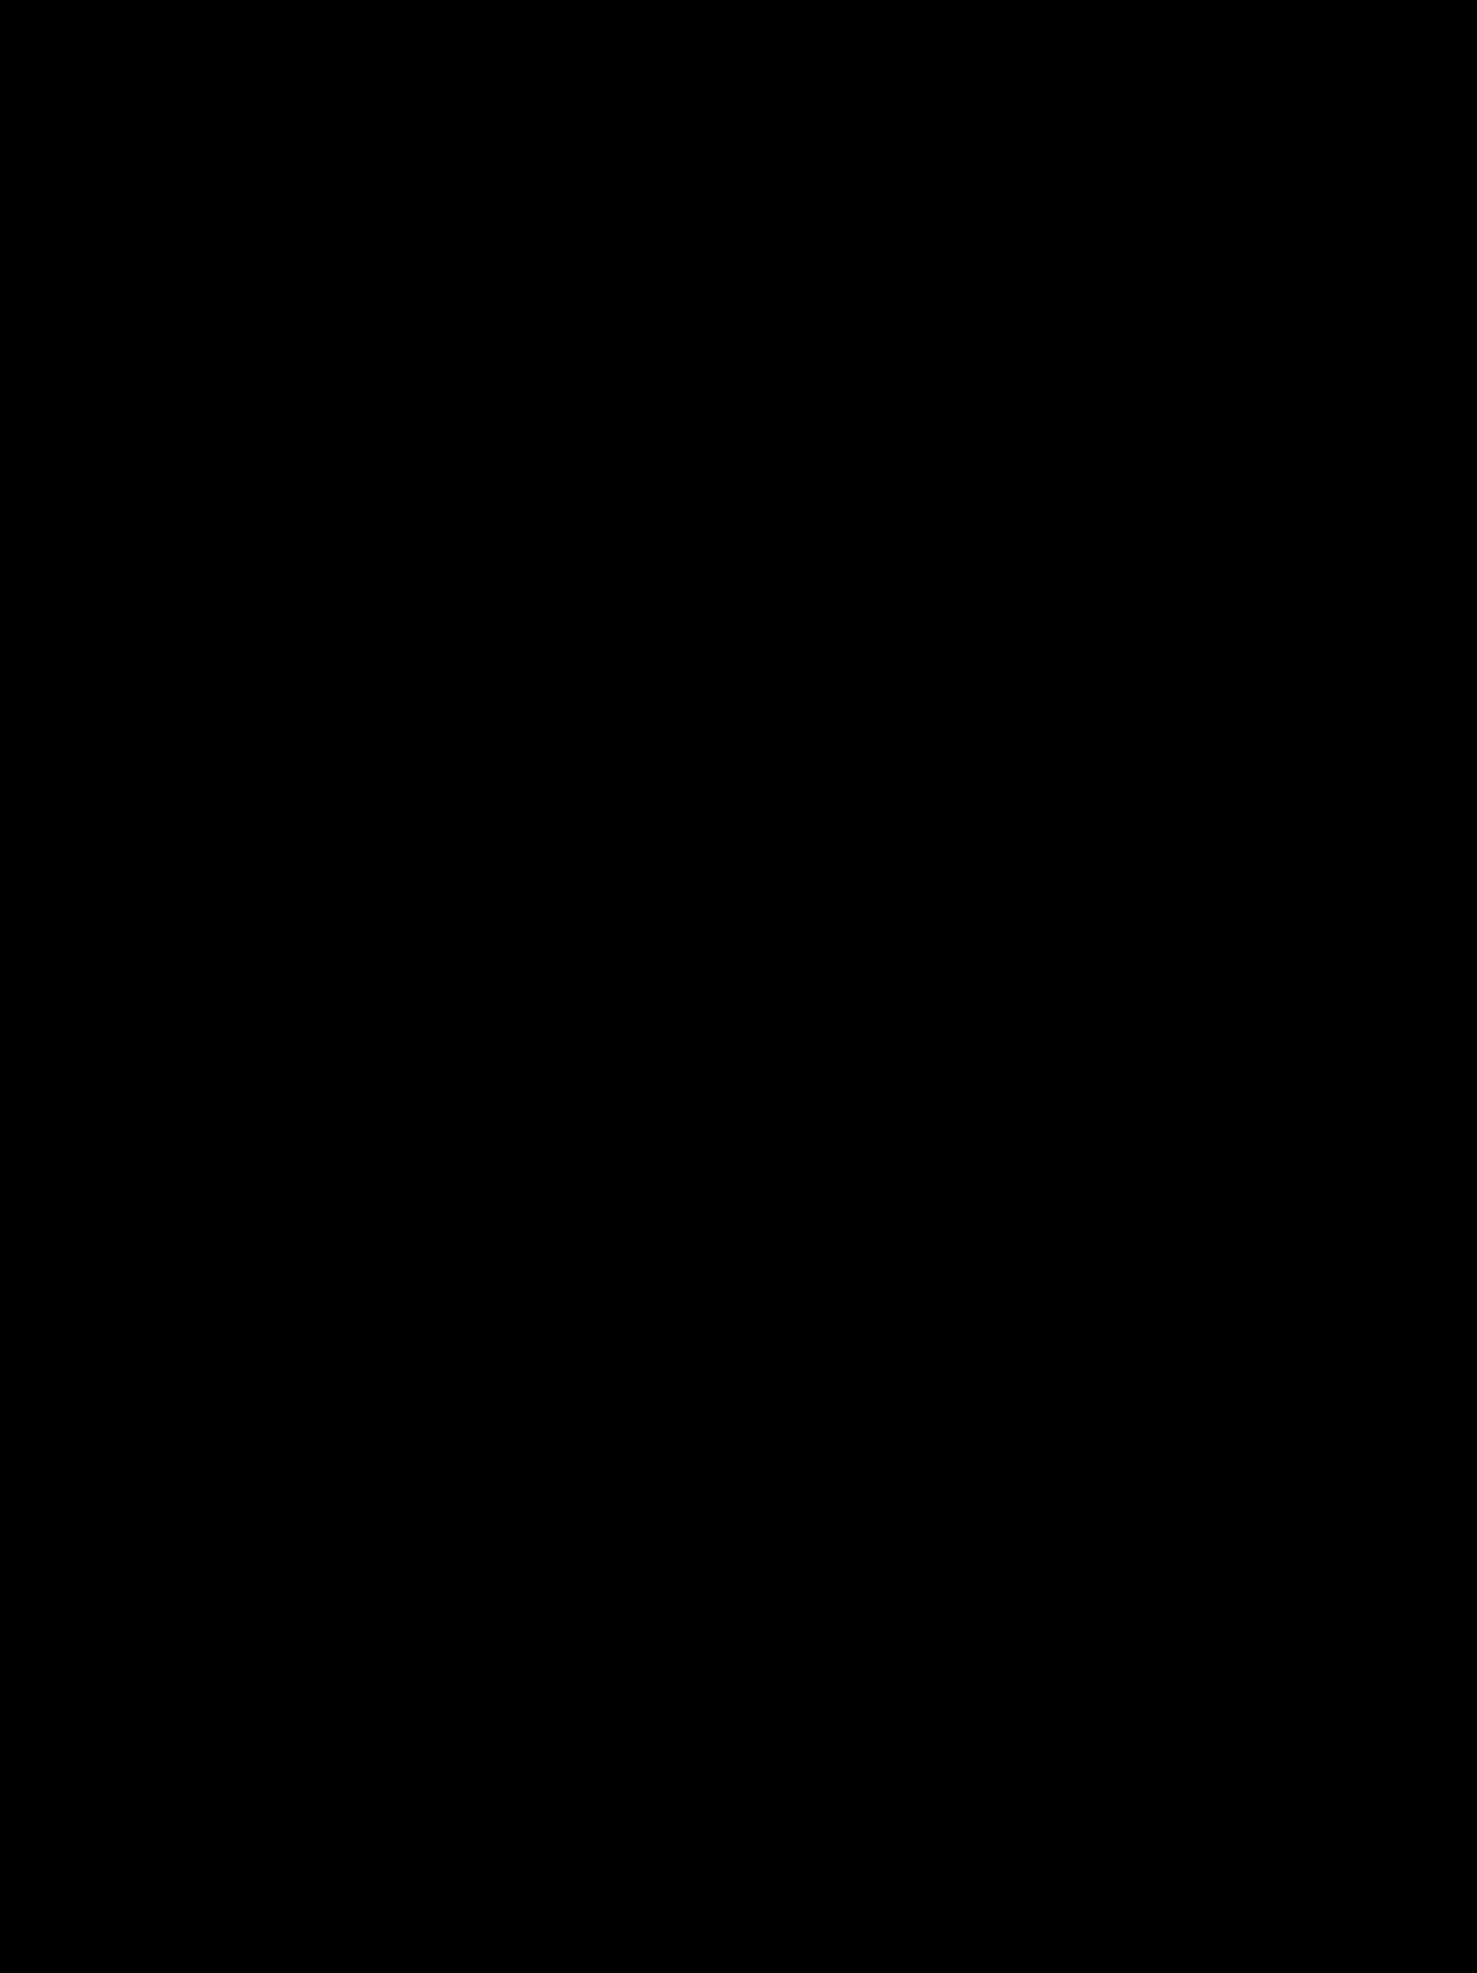 Vimal. S (RRB- Clerk)